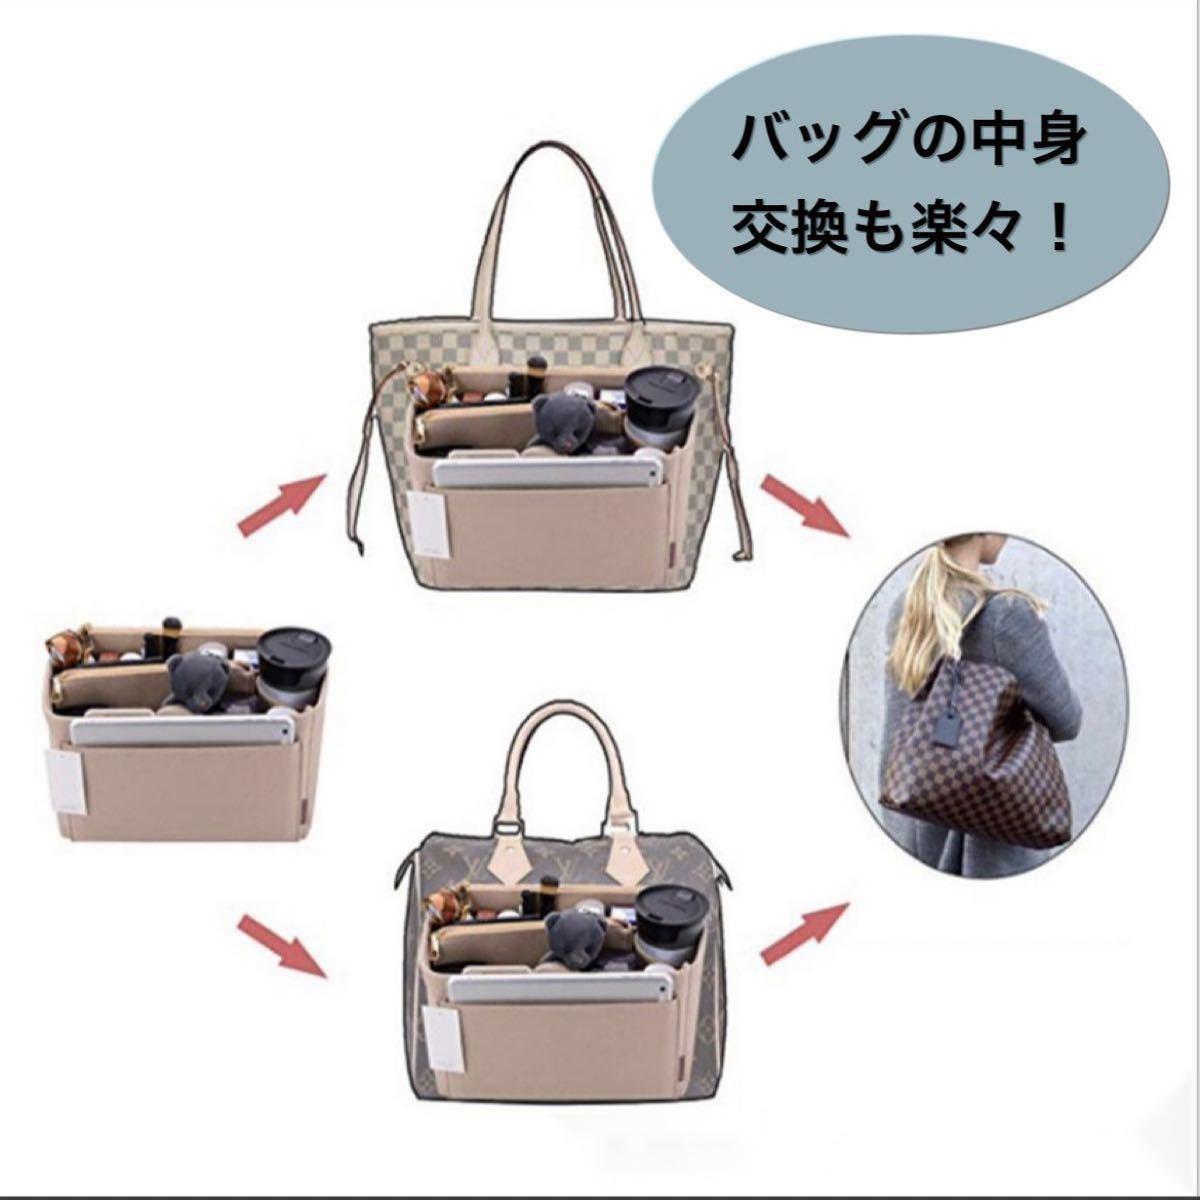 バッグインバッグ バッグ 収納 大容量 軽量 トートバッグ ハンドバッグ M メイクポーチ 化粧ポーチ